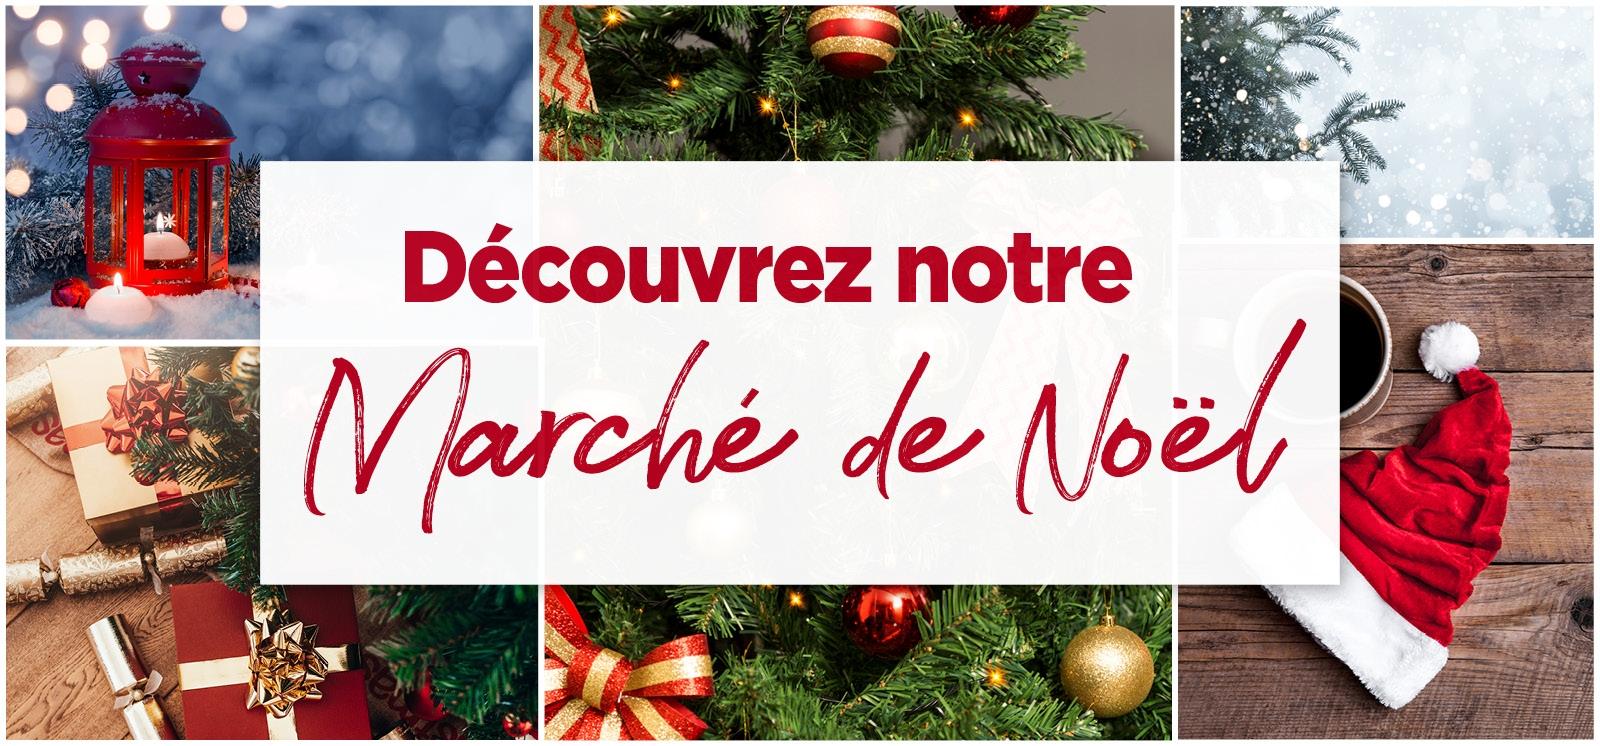 Promo - Marché de Noël